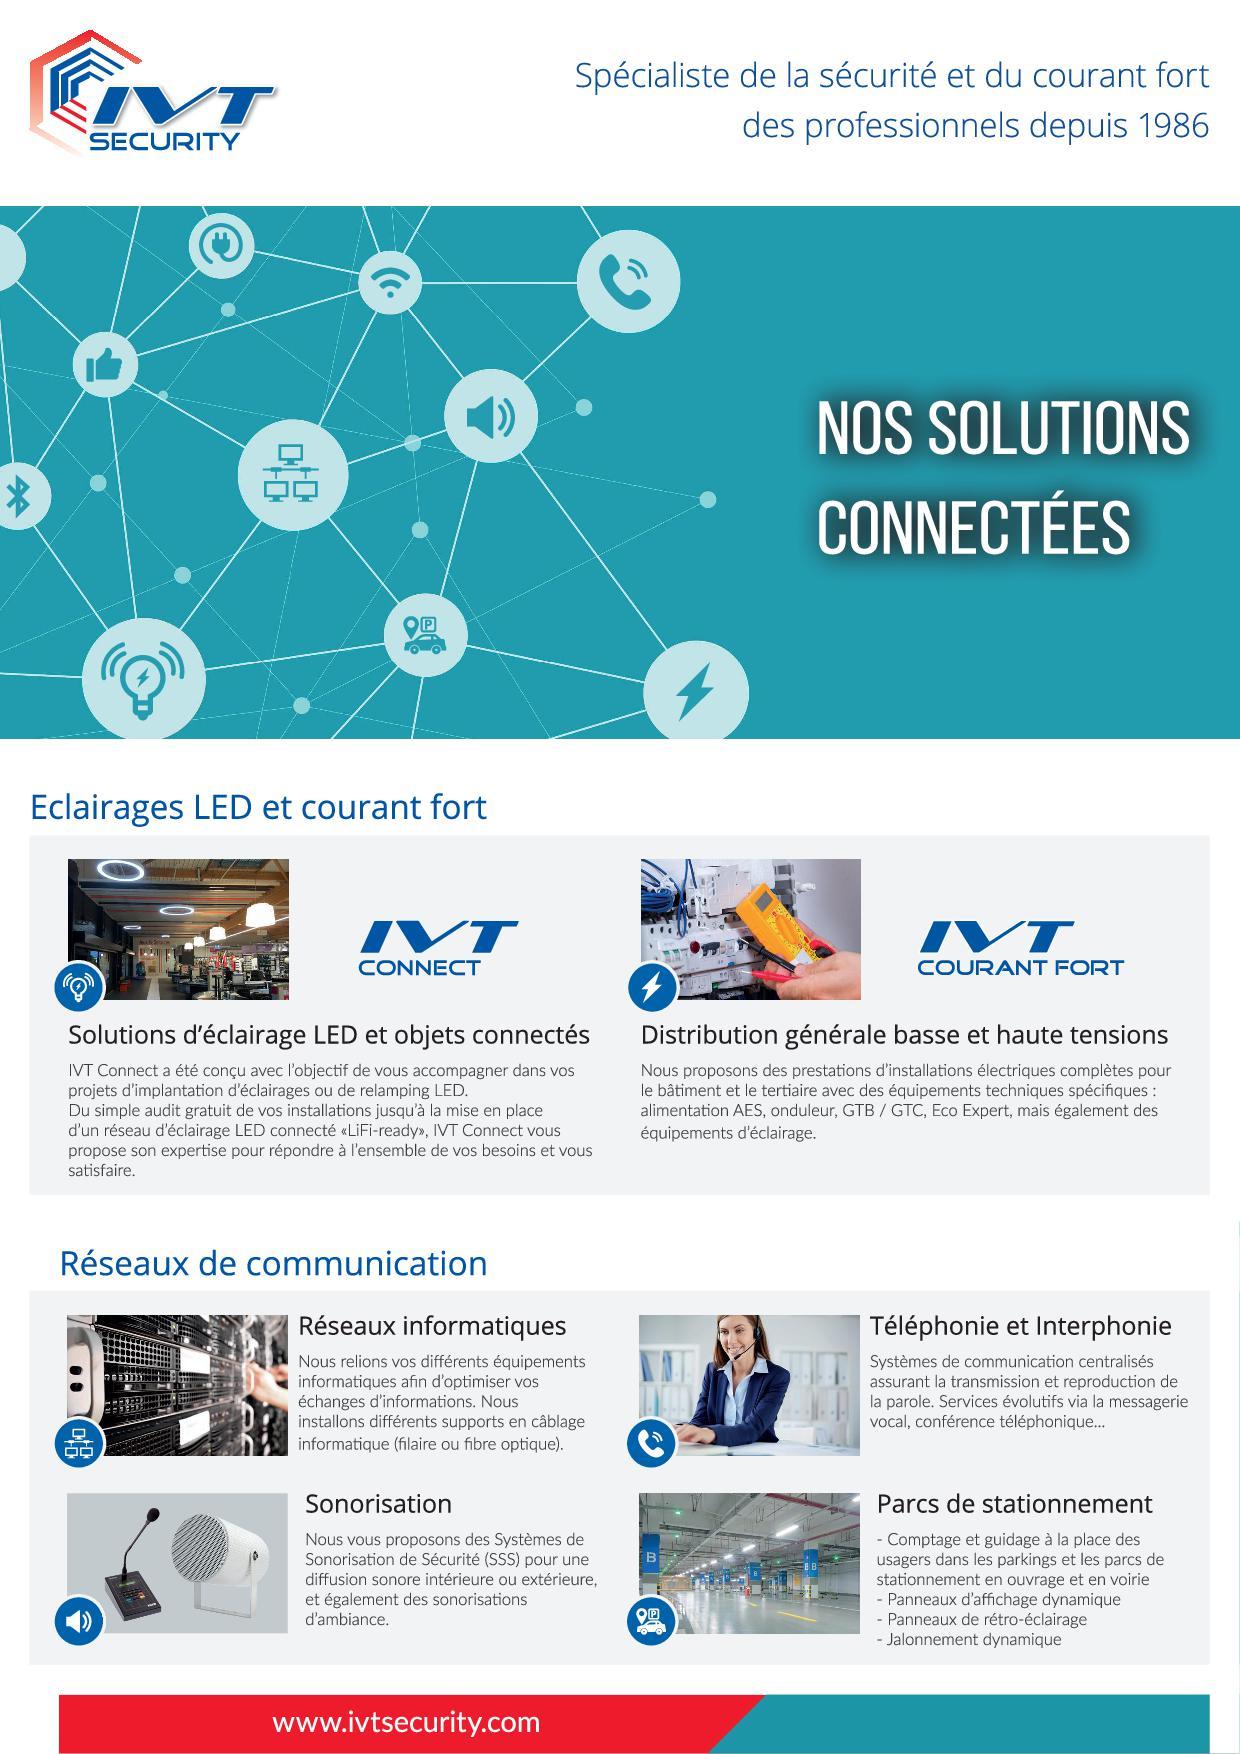 Solution - Connecte